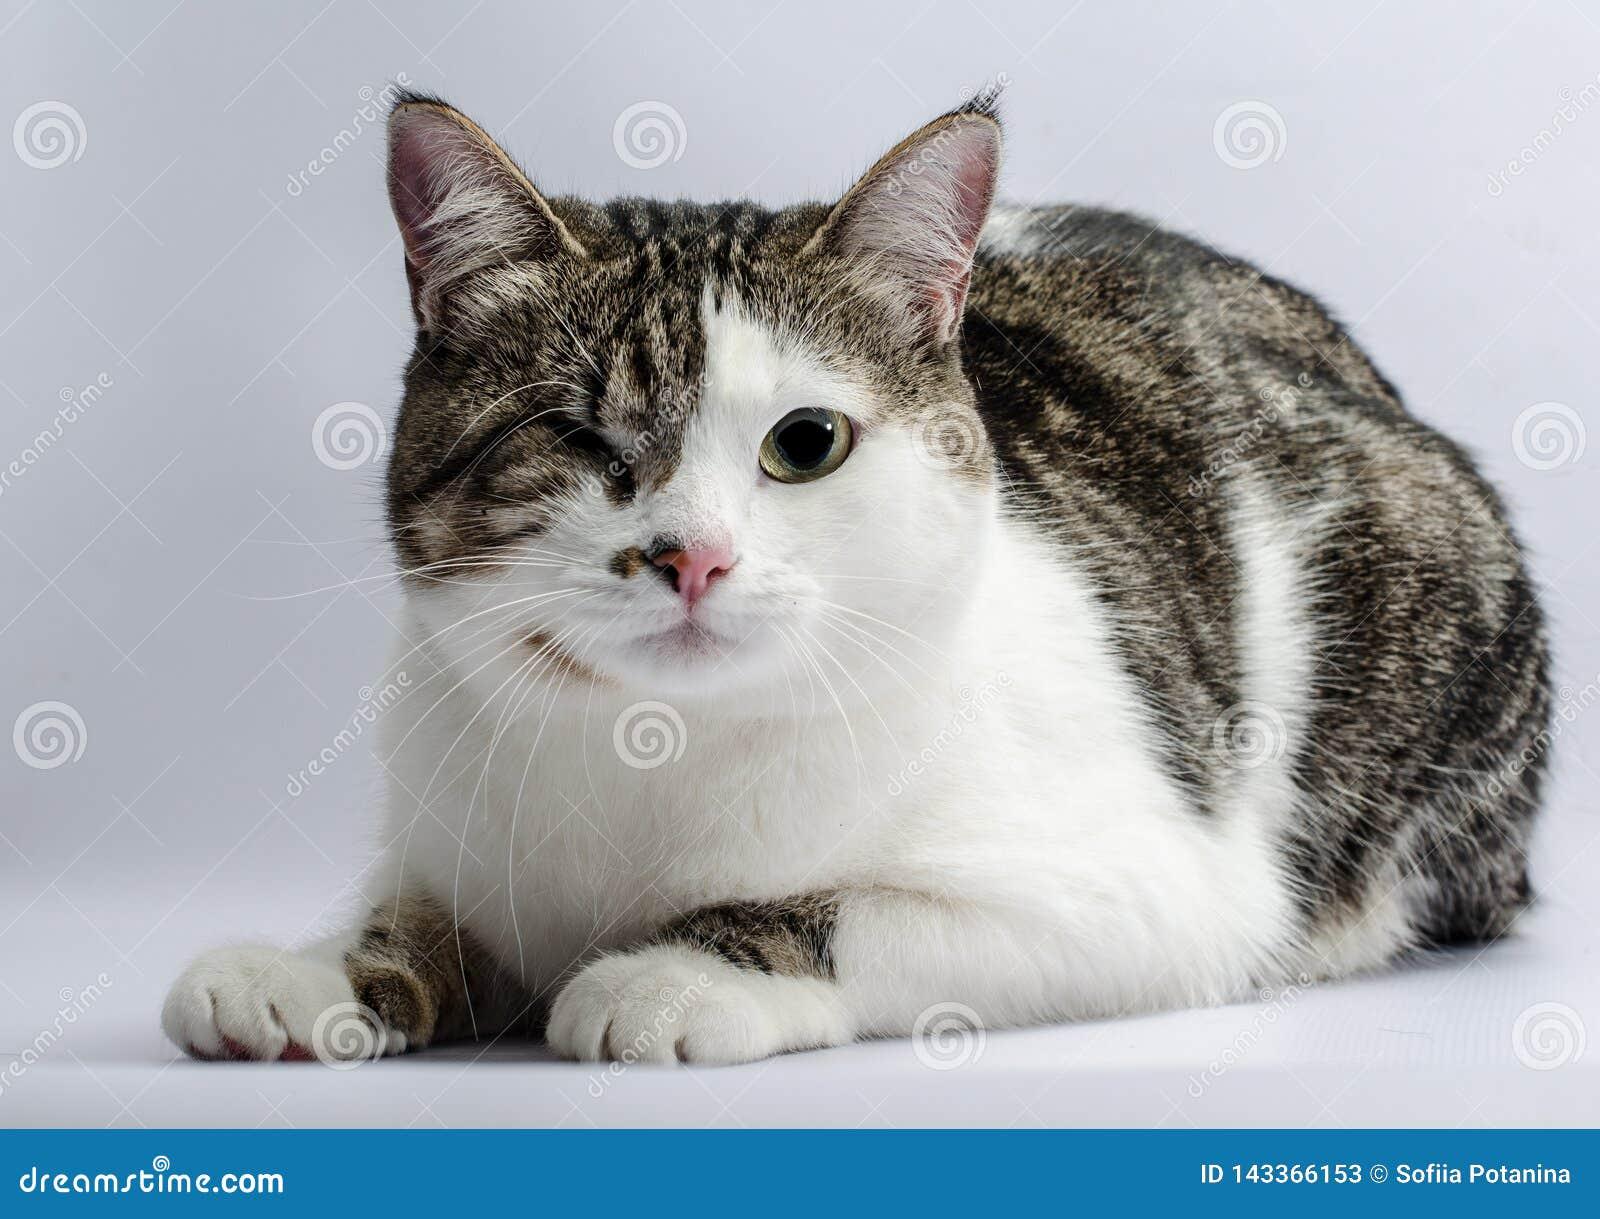 Gehandicapt dierenportret van een eenogige kat